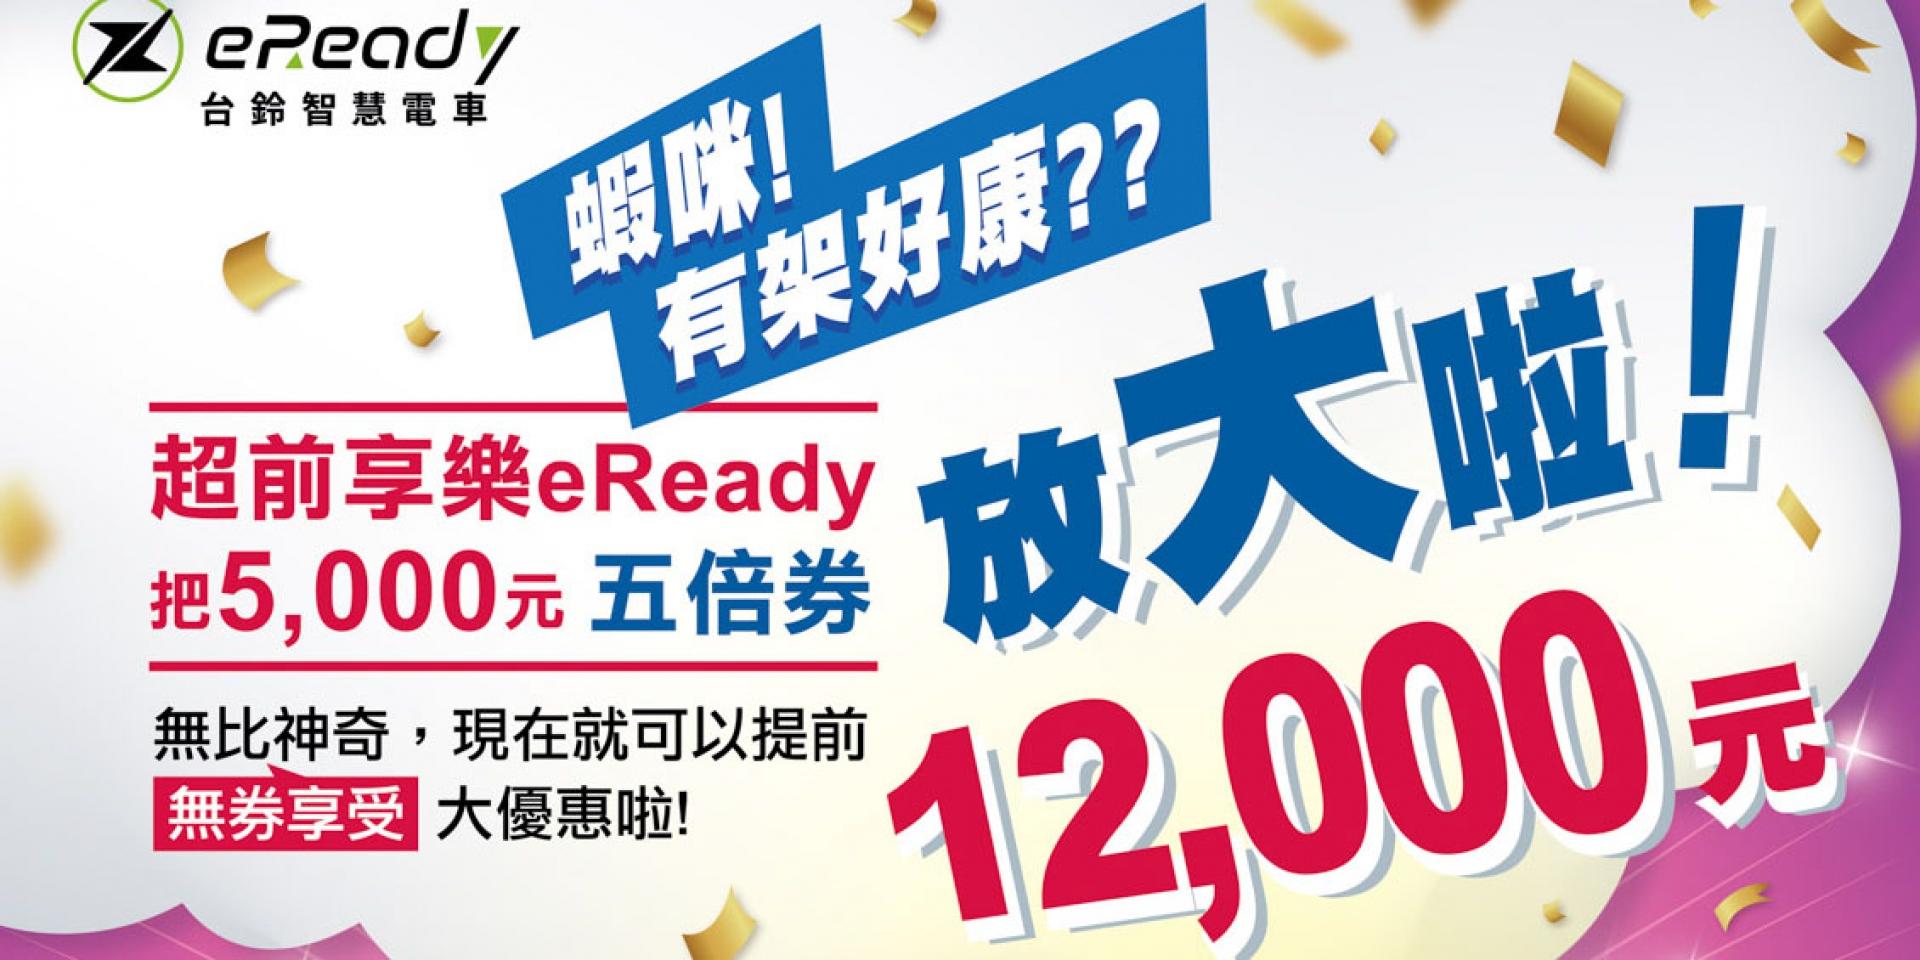 台鈴智慧電車eReady五倍券變12,000元 超前享樂 二輪界最強優惠!加碼高達7000元!